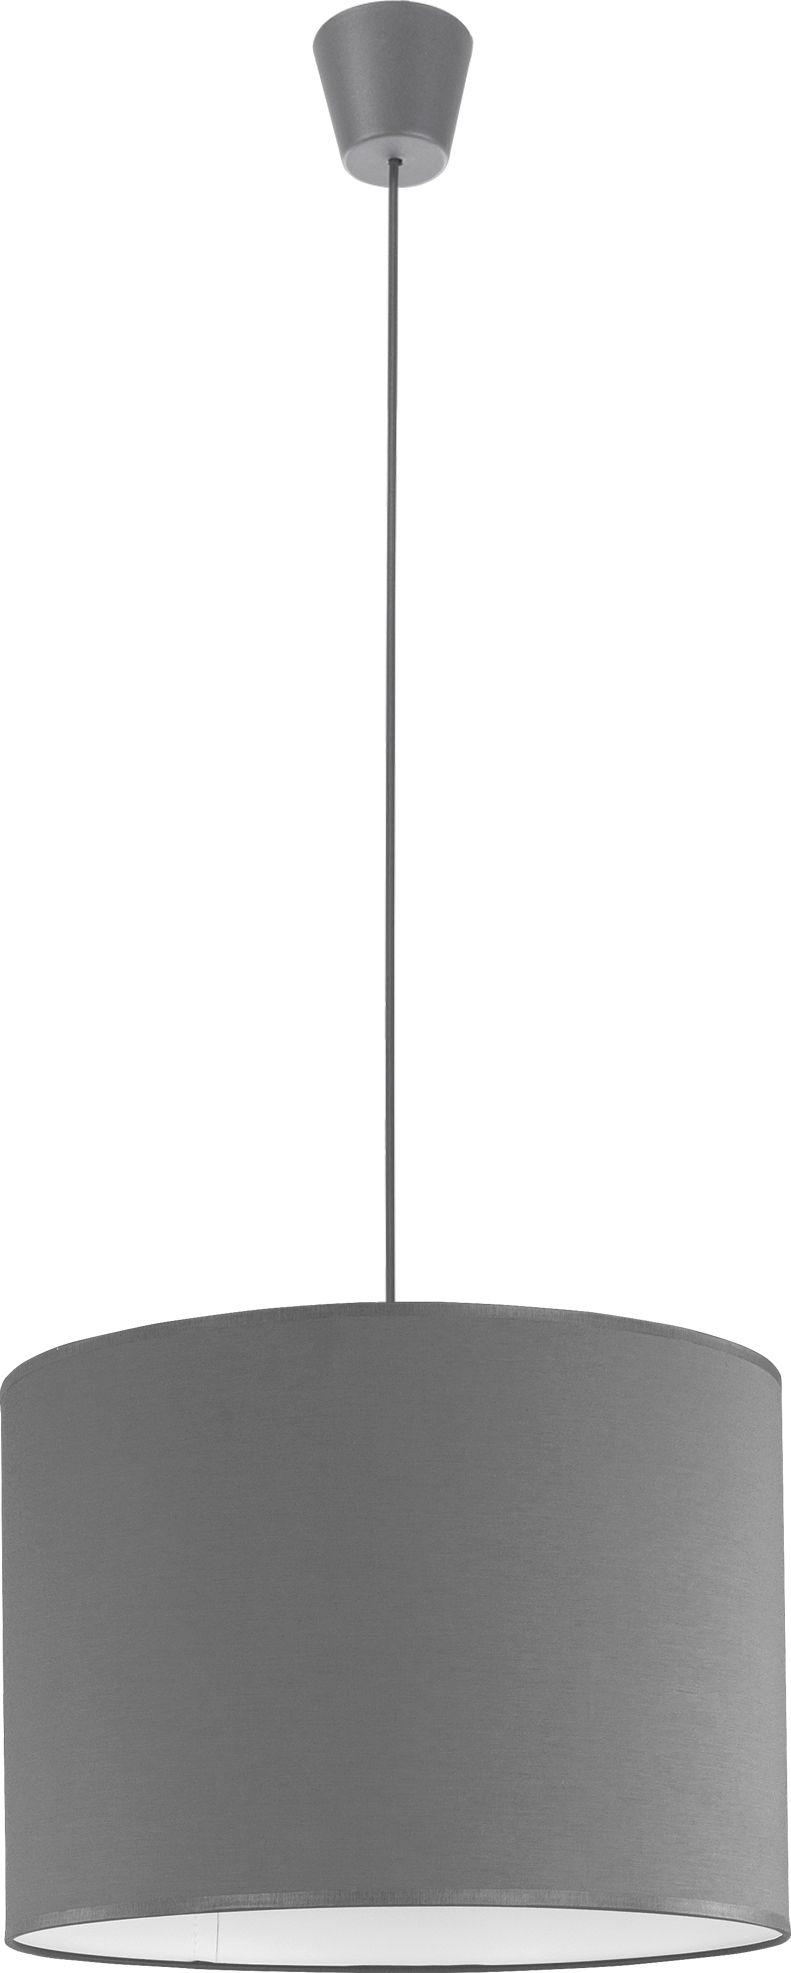 TK Lighting TK-4285 Mia függeszték